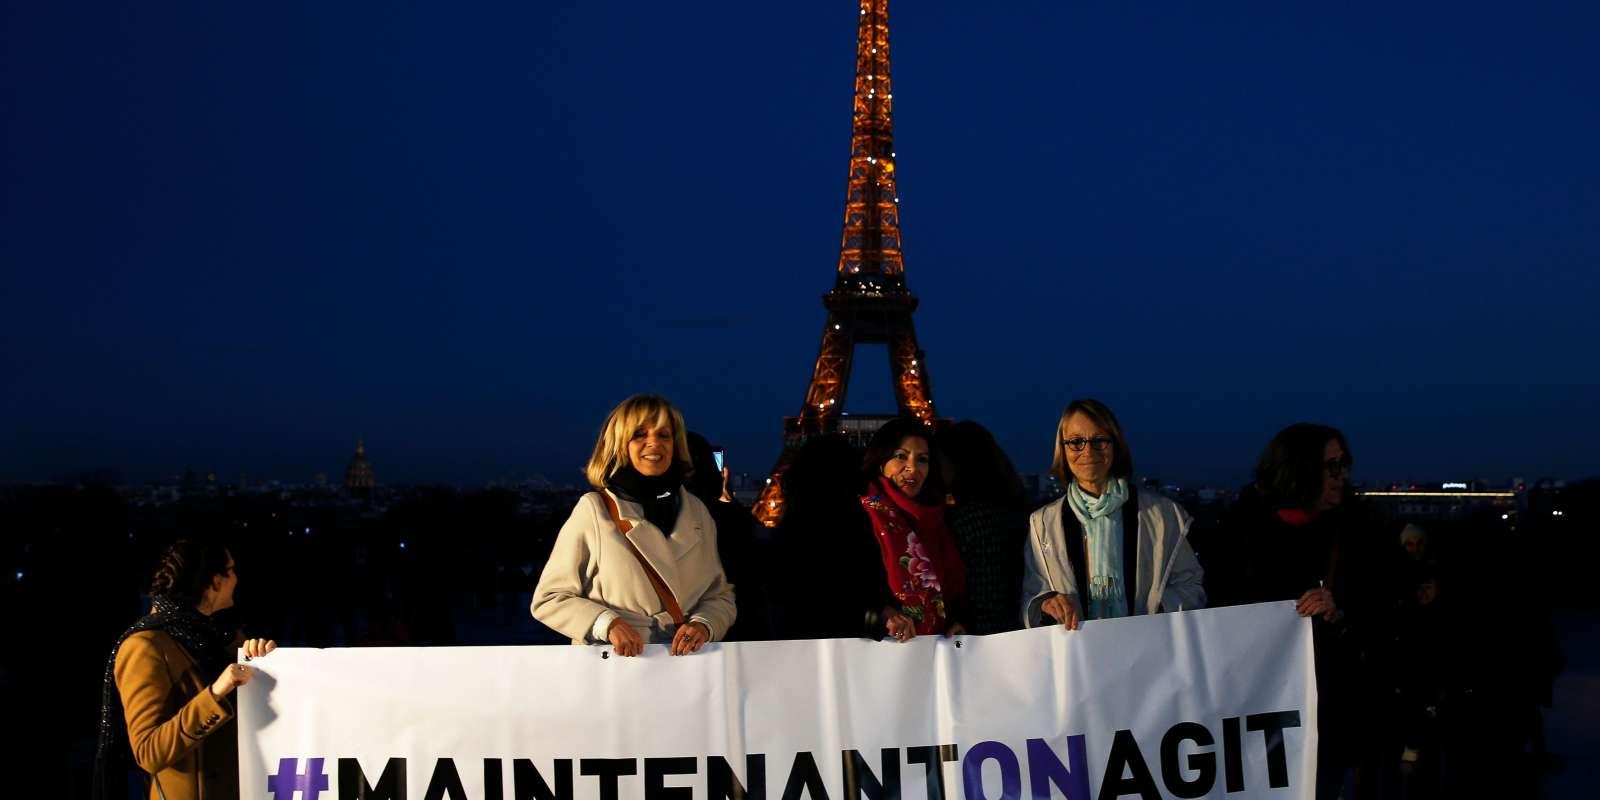 La maire de Paris, Anne Hidalgo, et la ministre de la culture, Françoise Nyssen, à un rassemblement, à Paris, le 7 mars 2017.